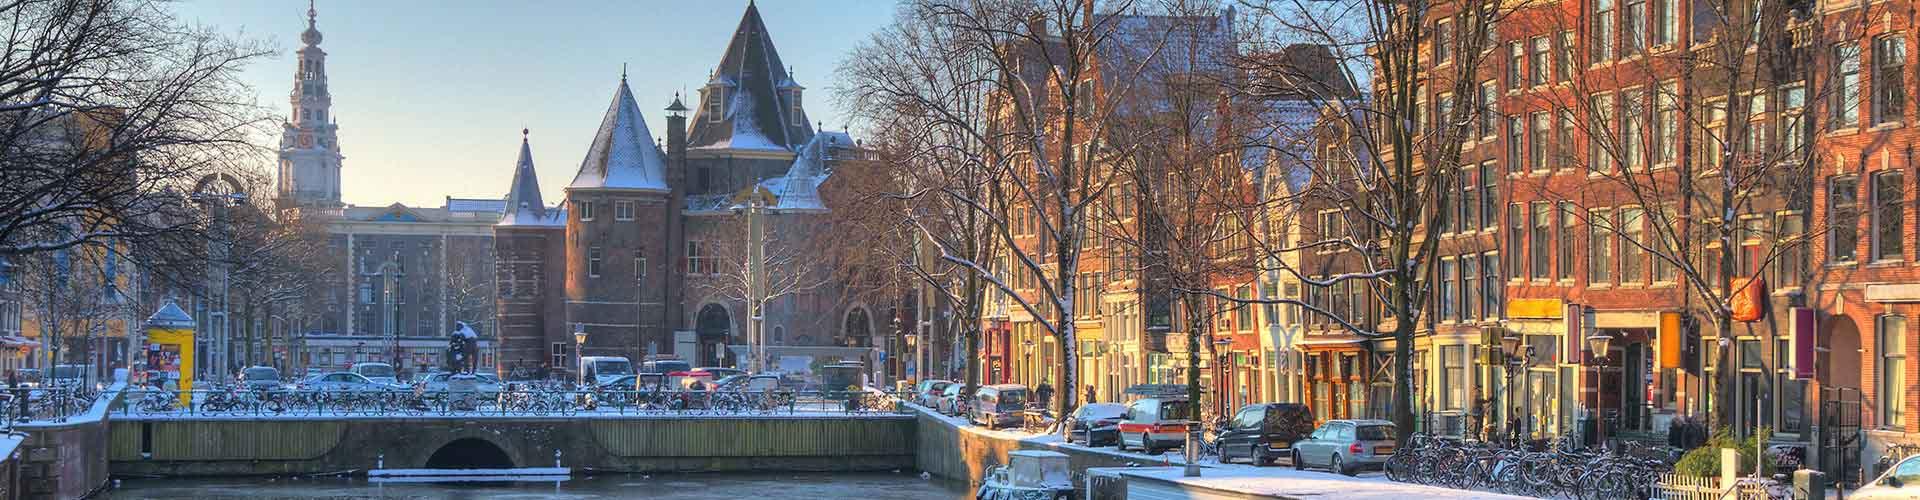 암스테르담 - 신 시장거리에 가까운 아파트. 암스테르담의 지도, 암스테르담에 위치한 아파트에 대한 사진 및 리뷰.